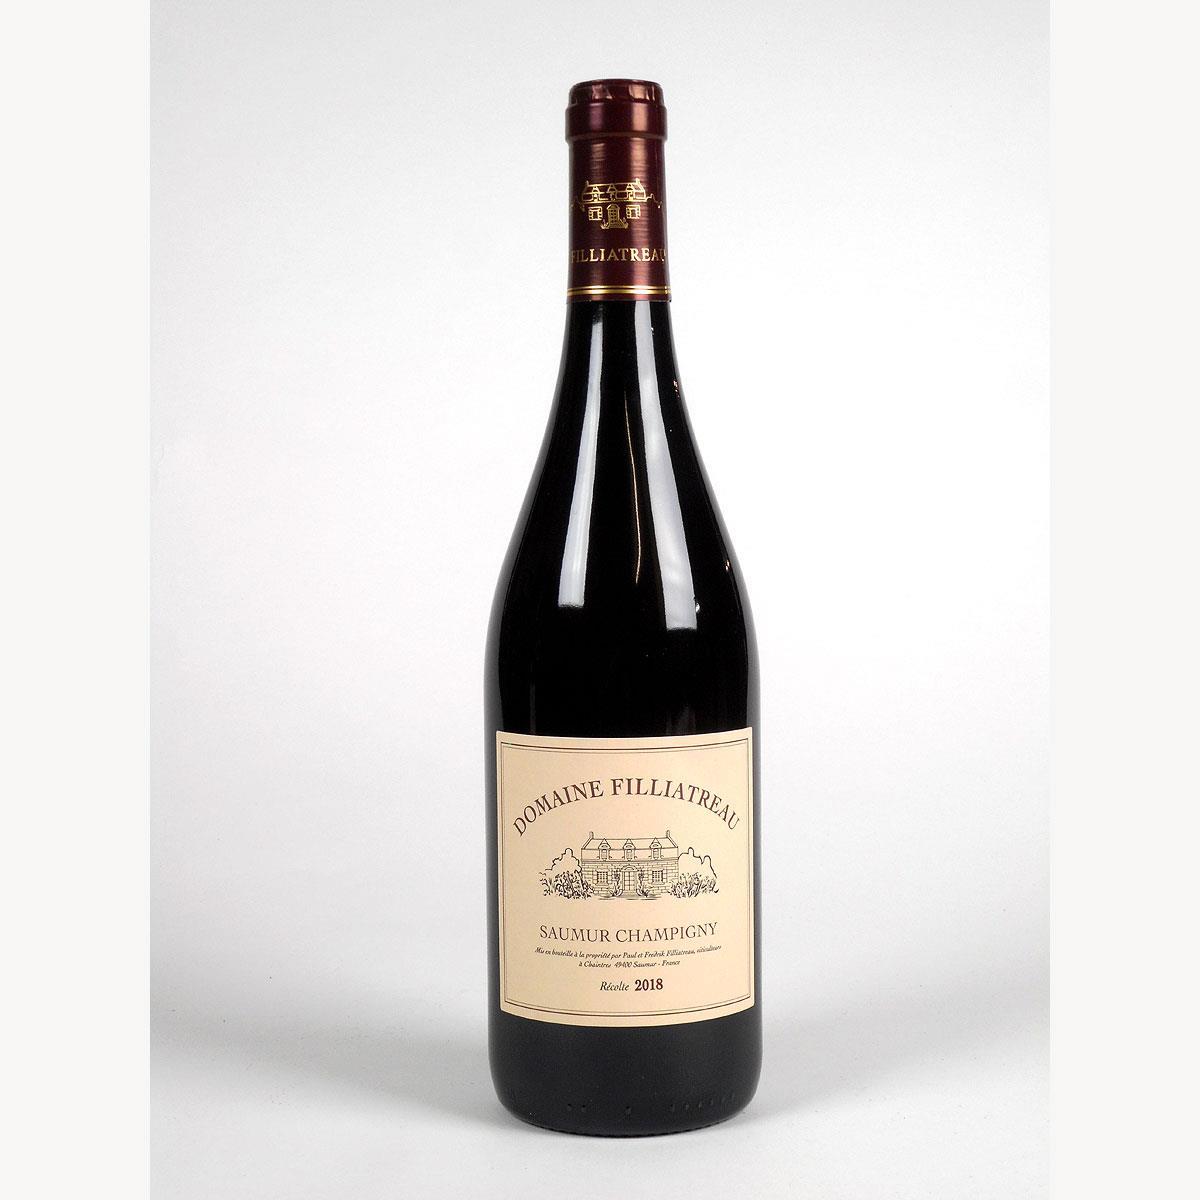 Saumur Champigny: Domaine Filliatreau 2018 - Bottle